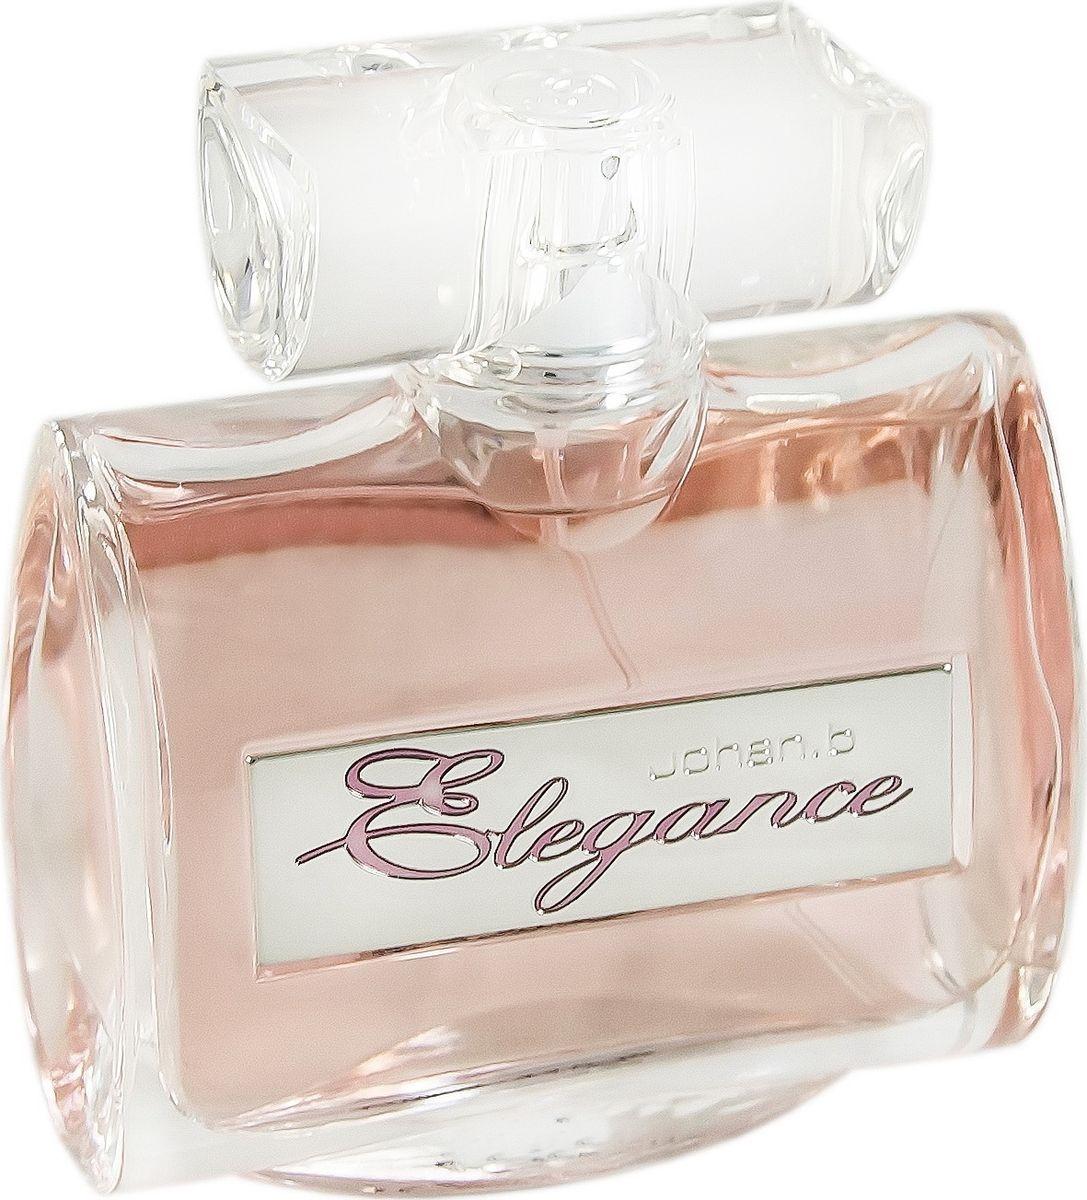 Geparlys Парфюмерная вода Elegance women Линии Johan.B, 100 мл28032022Это изысканный аксессуар для женщин, выпущенный для того, чтобы подчеркнуть главную черту женственности-элегантность.